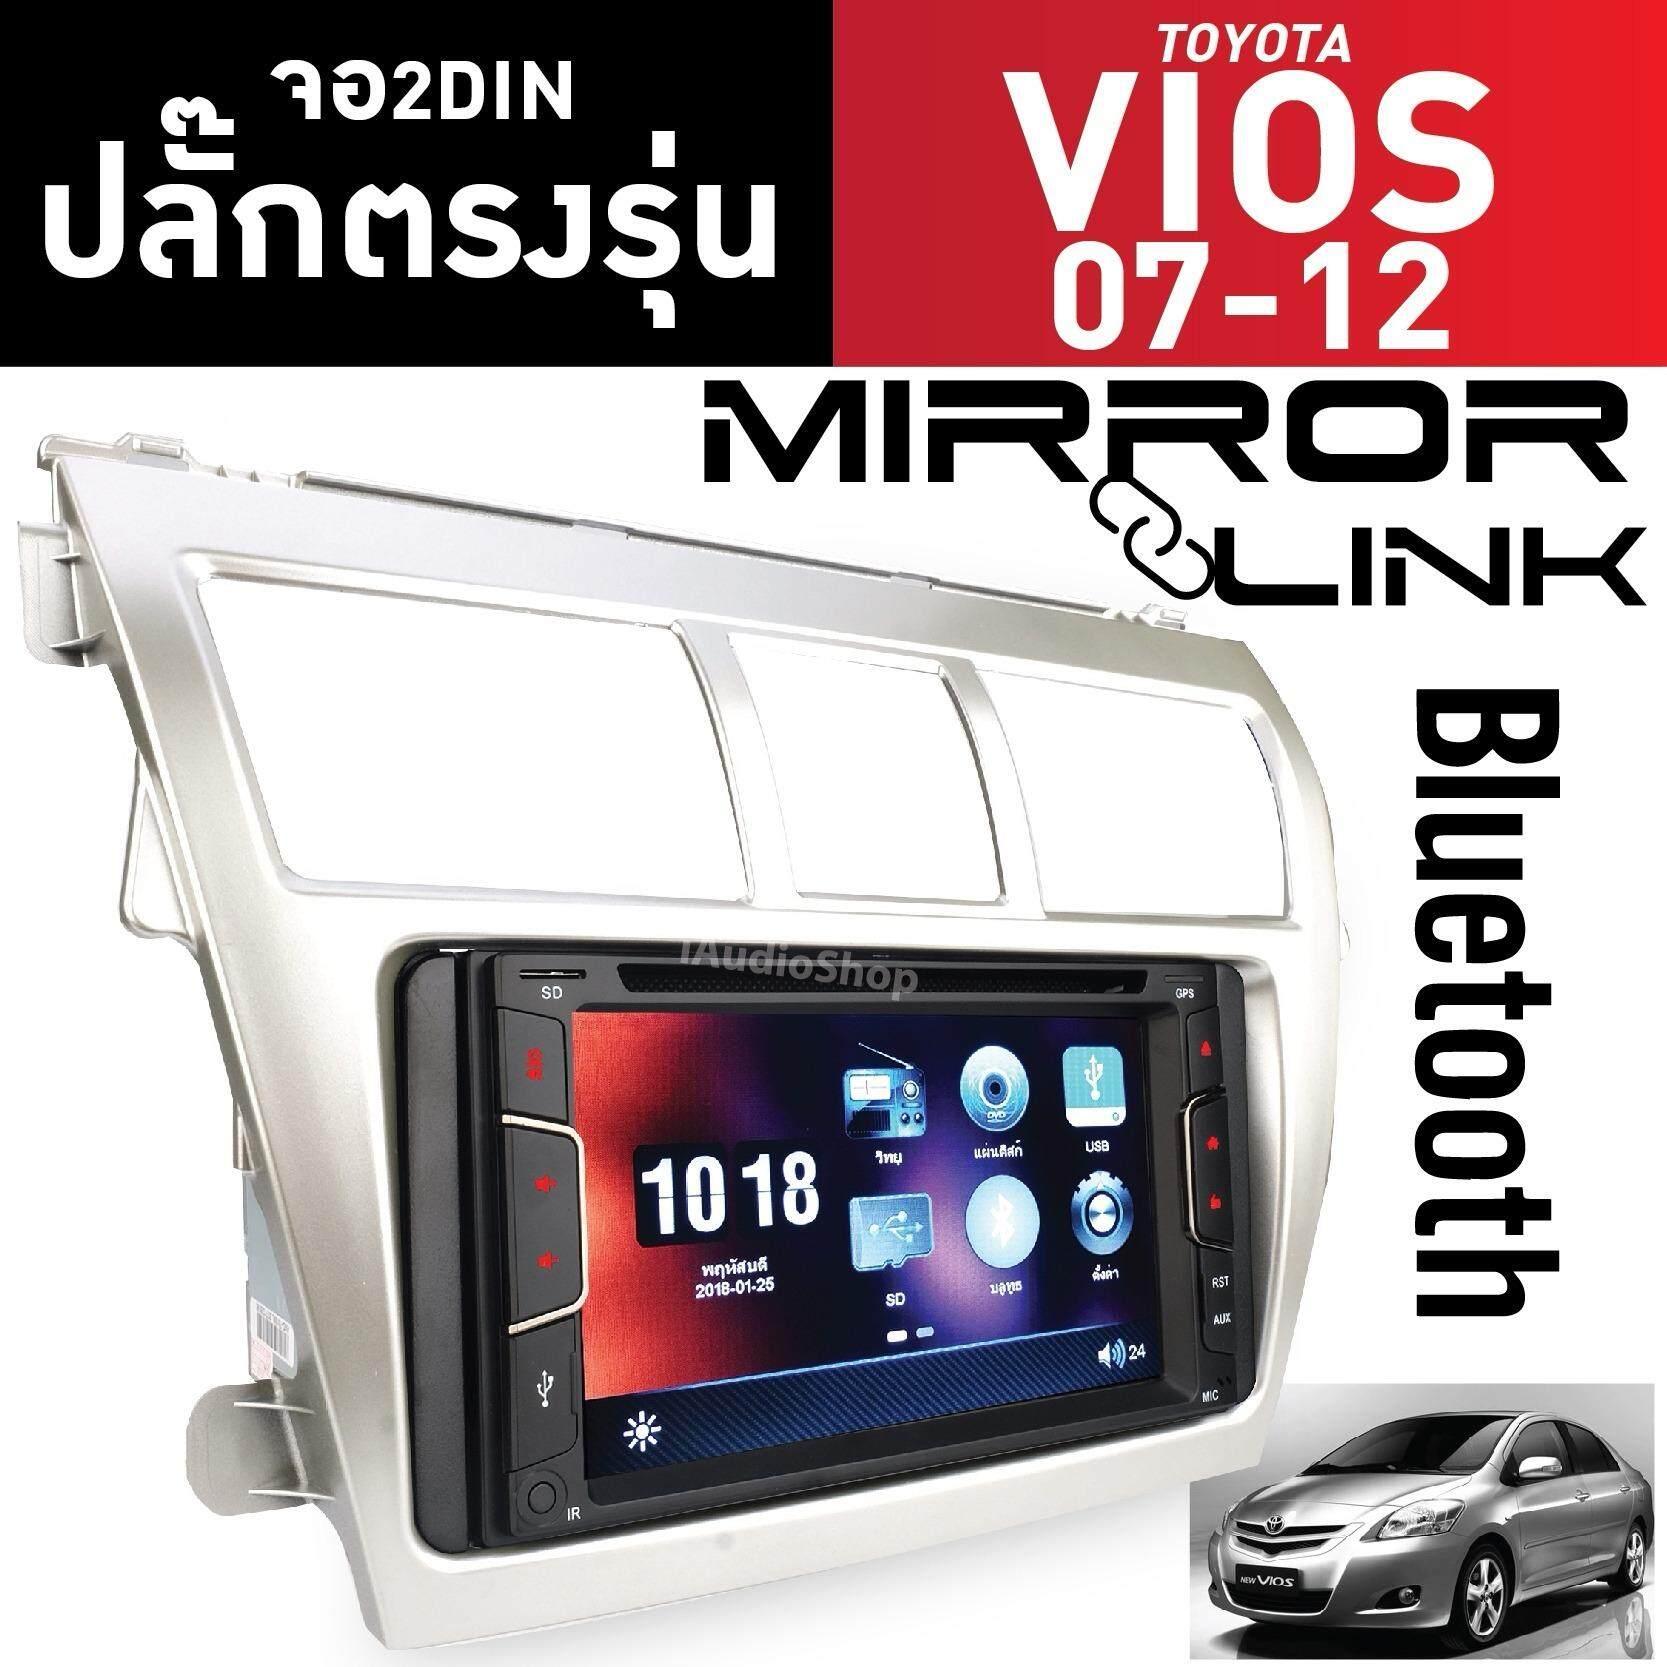 ซื้อ Black Magic ปลั๊กตรงรุ่น ระบบมิลเลอร์ลิงค์ วิทยุติดรถยนต์ จอติดรถยนต์ จอ2Din วิทยุ2Din เครื่องเสียงรถยนต์ Bmg 6517 Mirror Link พร้อมหน้ากากตรงรุ่นรถ โตโยต้า วีออส Toyota Vios 07 12 สีเงิน ปลั๊กตรงรุ่นไม่ต้องตัดต่อสายไฟ Black Magic